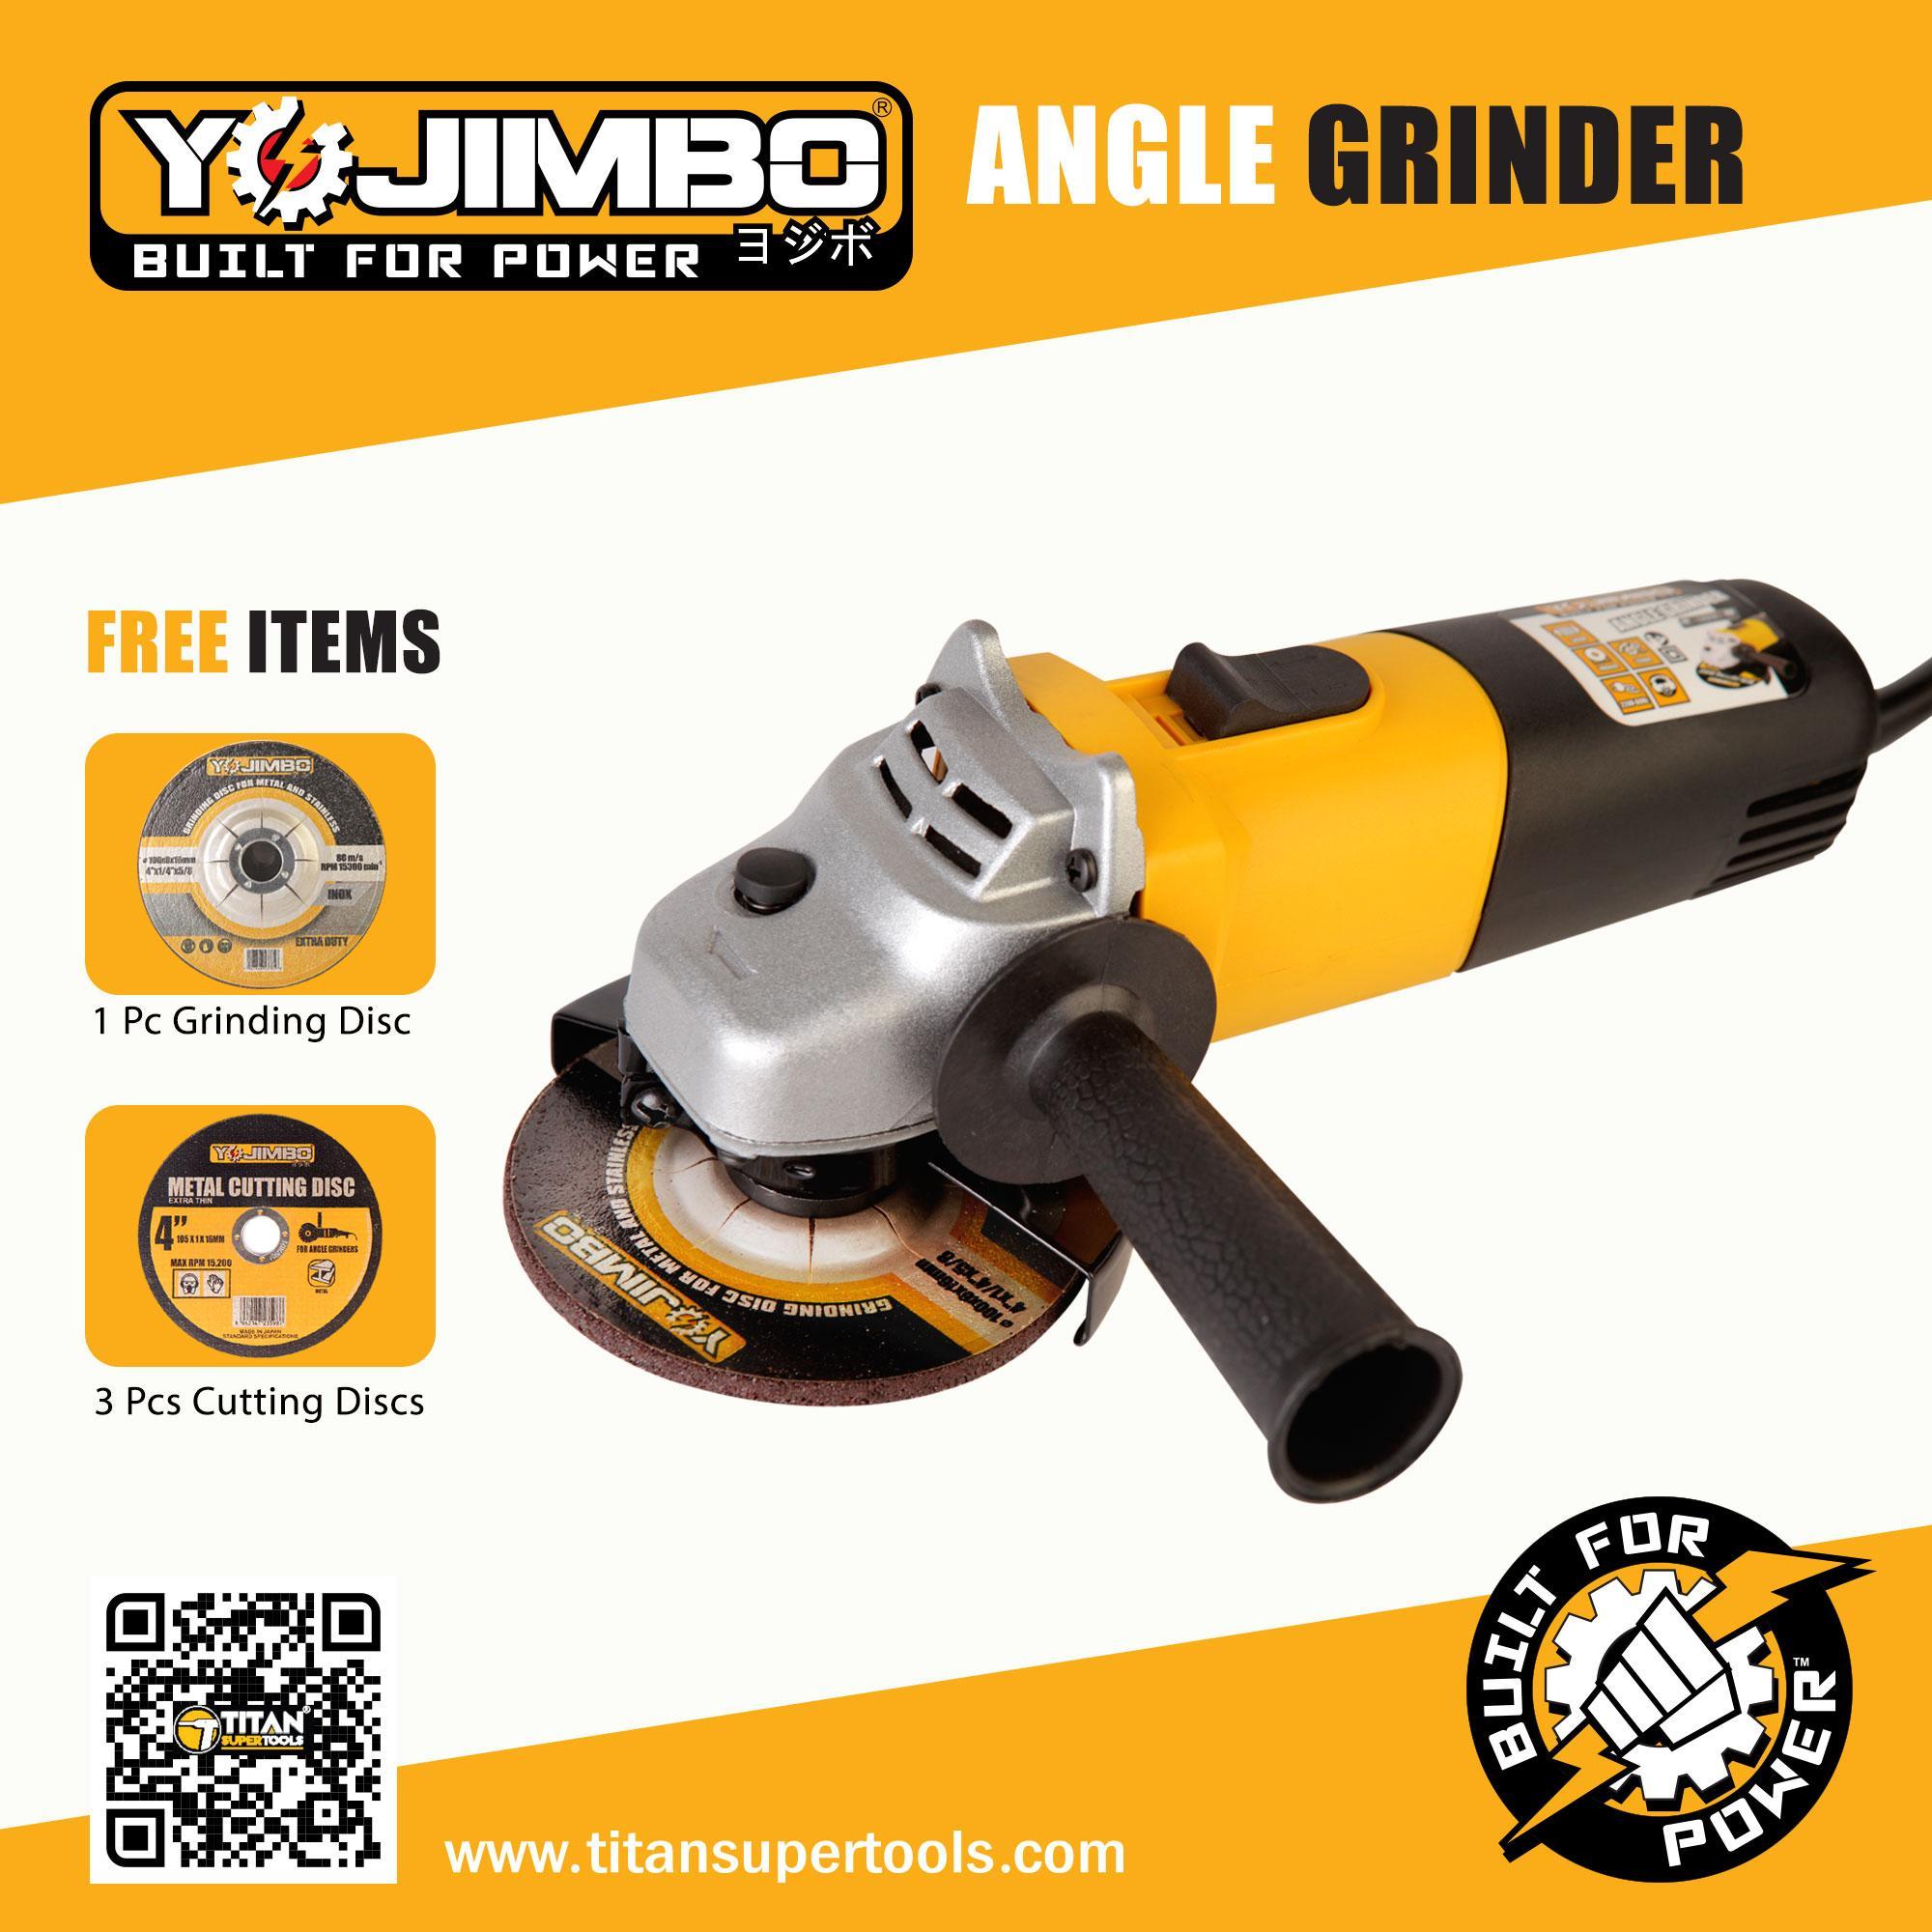 c78fa845e467 Yojimbo Angle Grinder 4